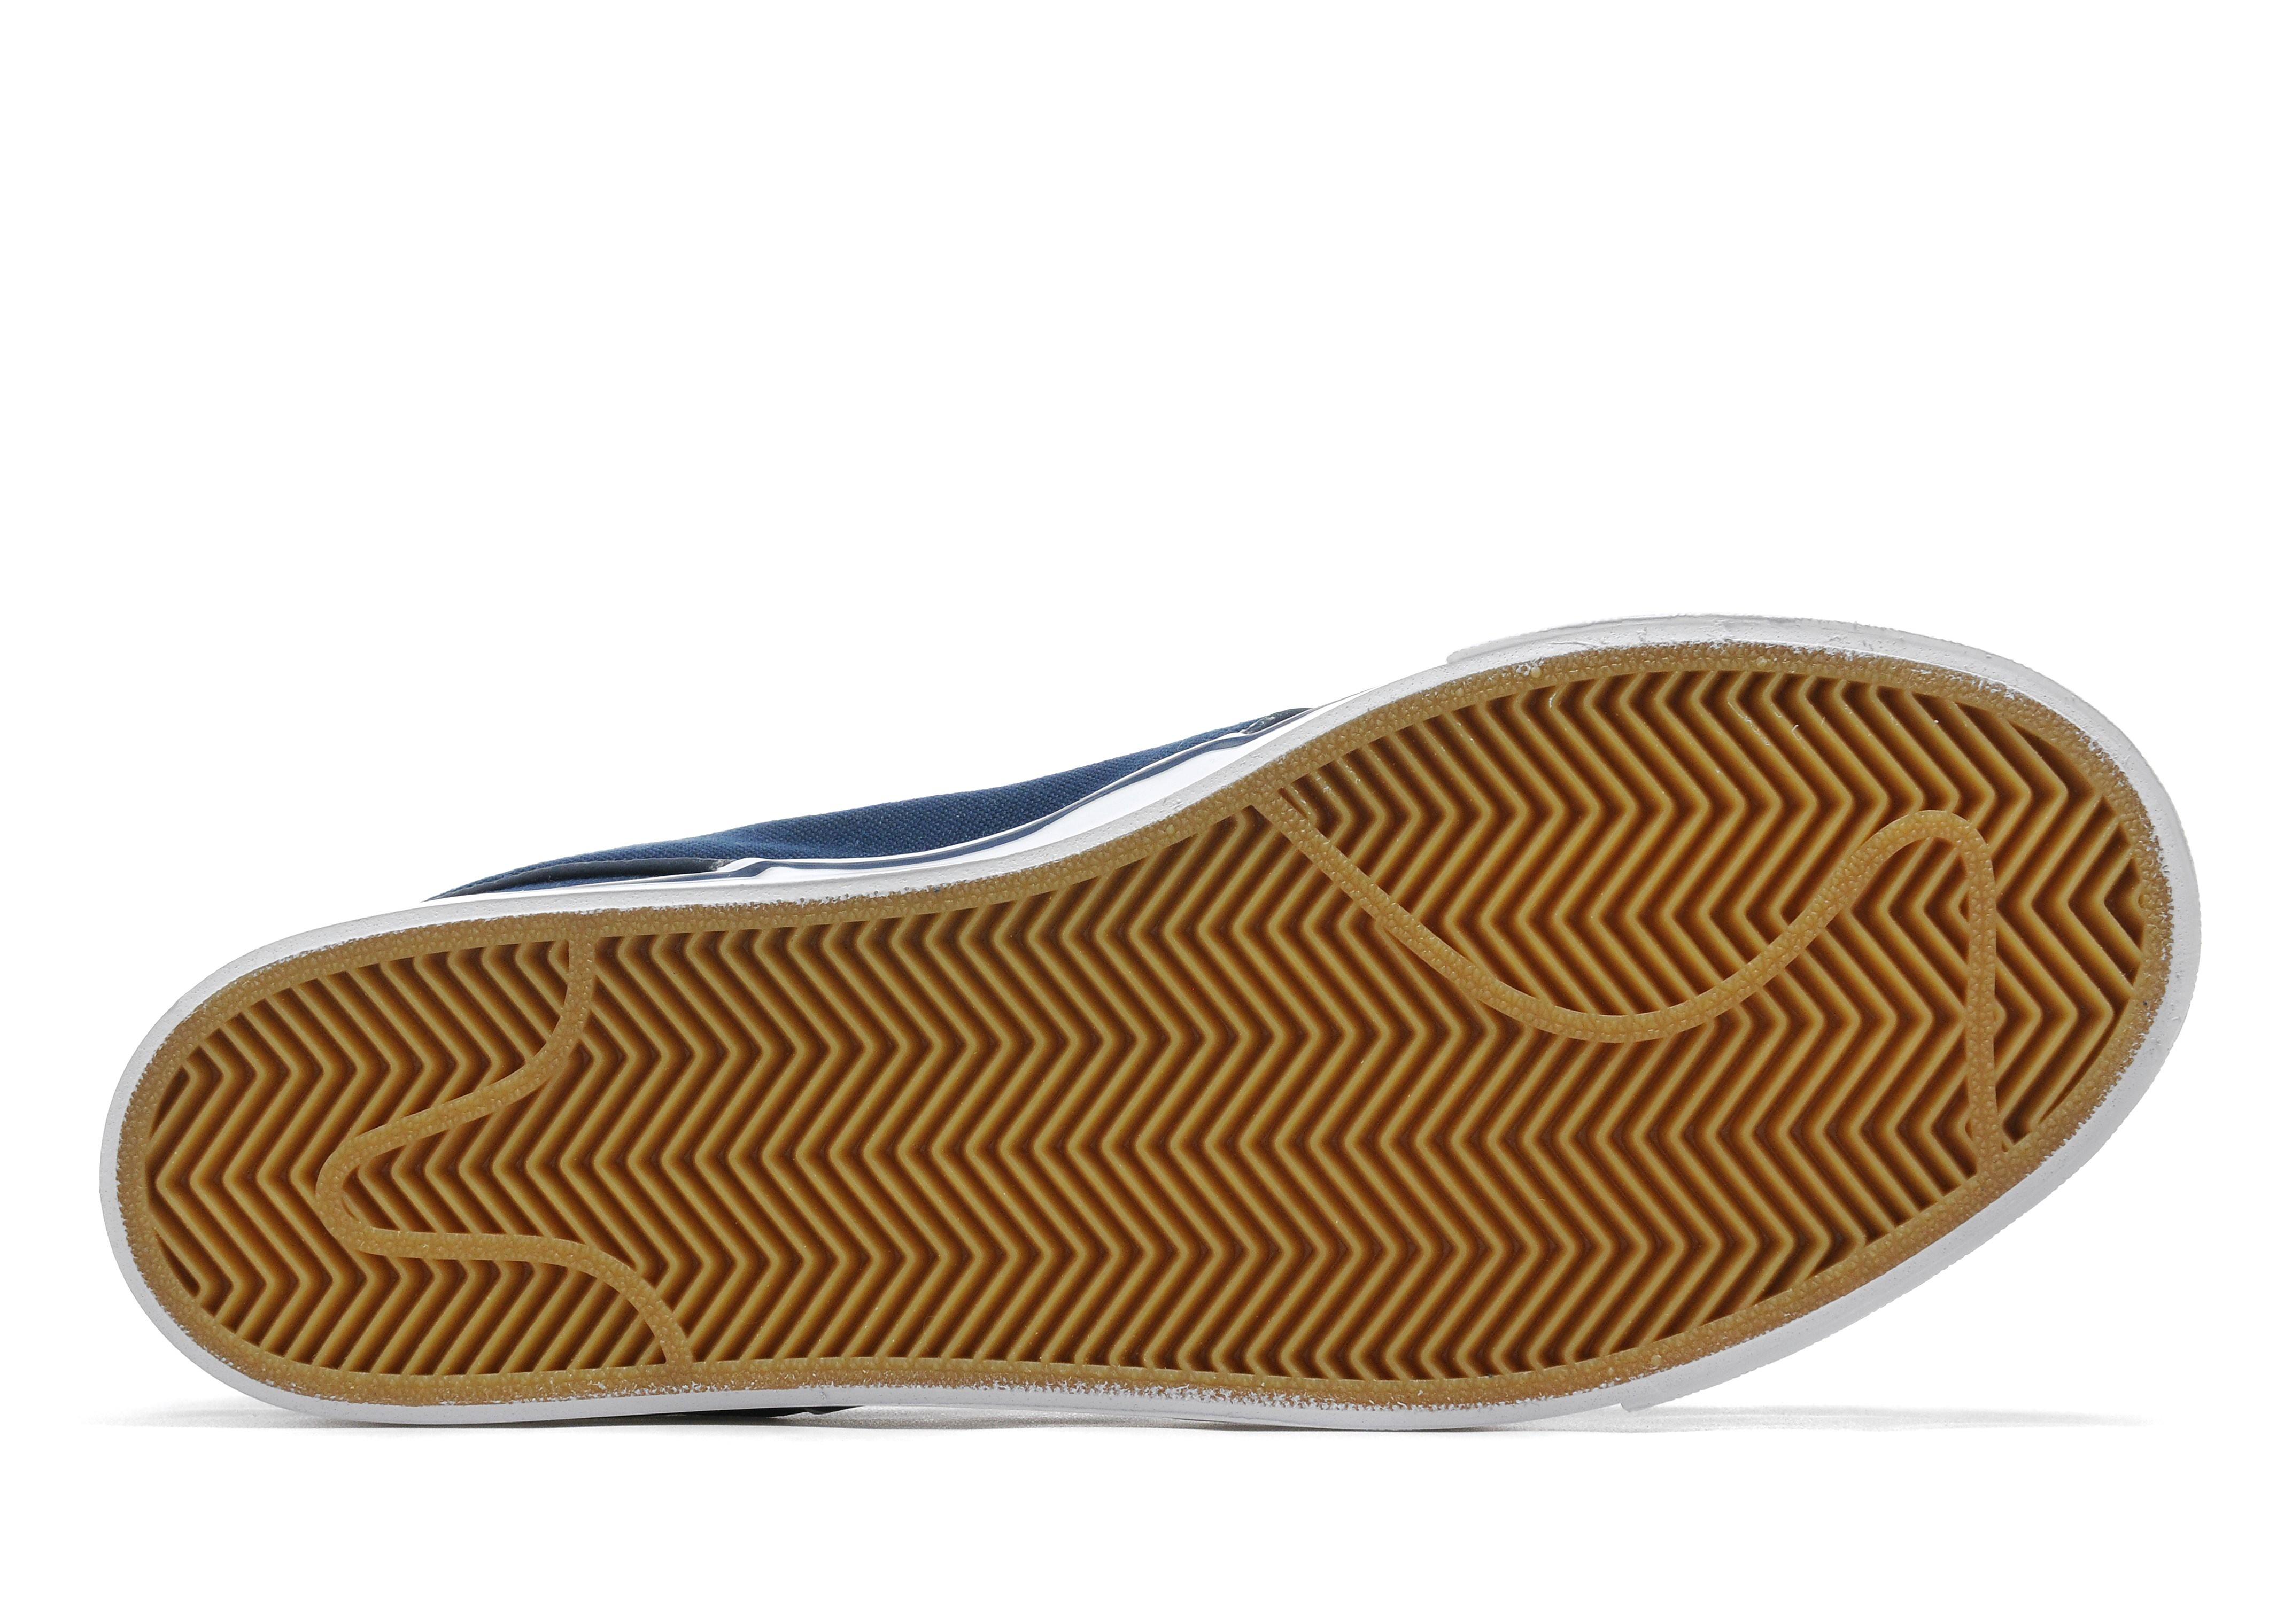 Nike SB Stefan Janoski Canvas Premium